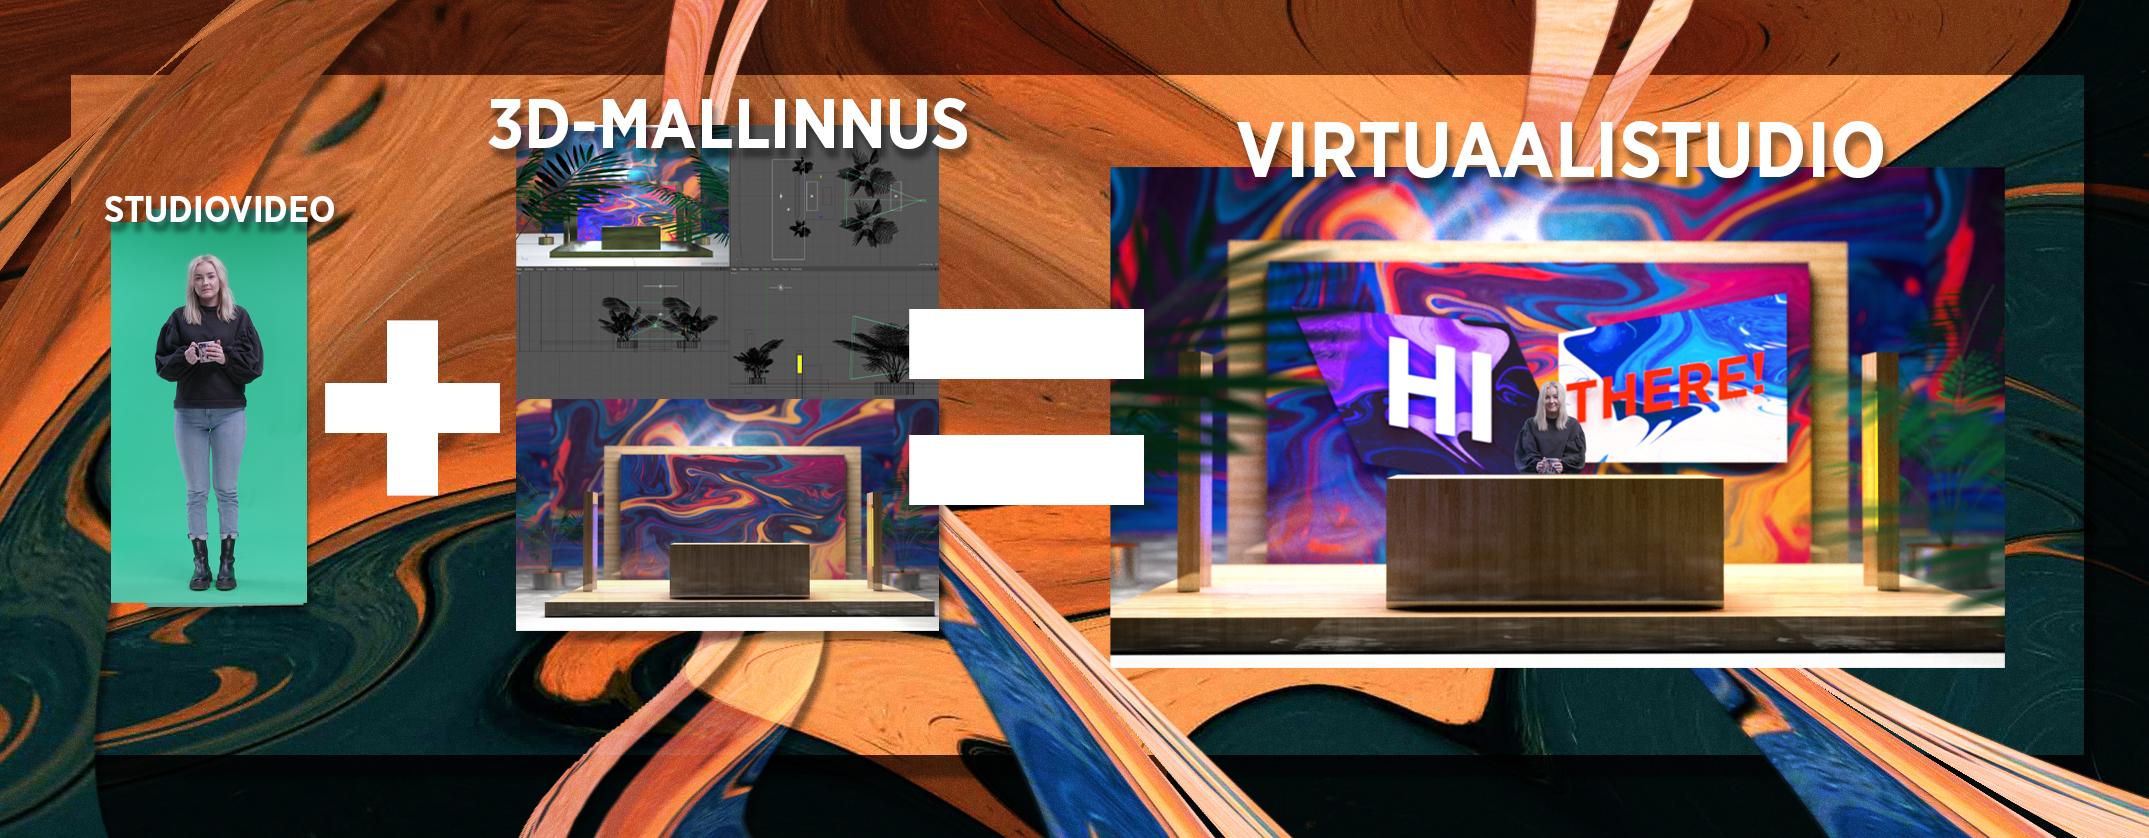 Virtuaalistudiossa kaikki on mahdollista